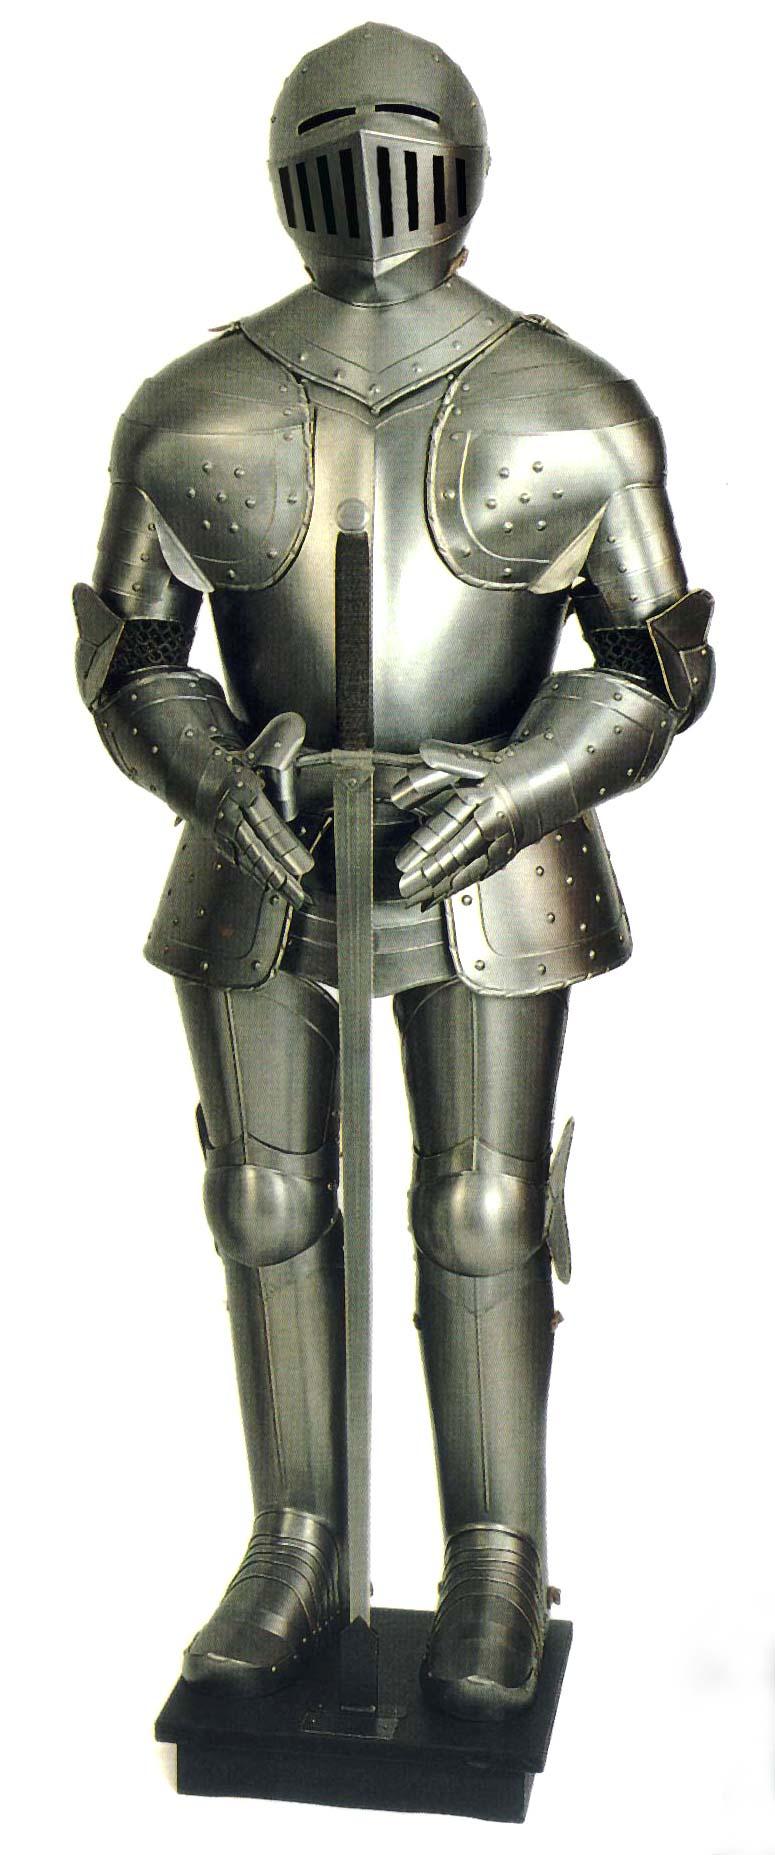 http://www.gmor.org/home/140004676/140004676/armor.jpg